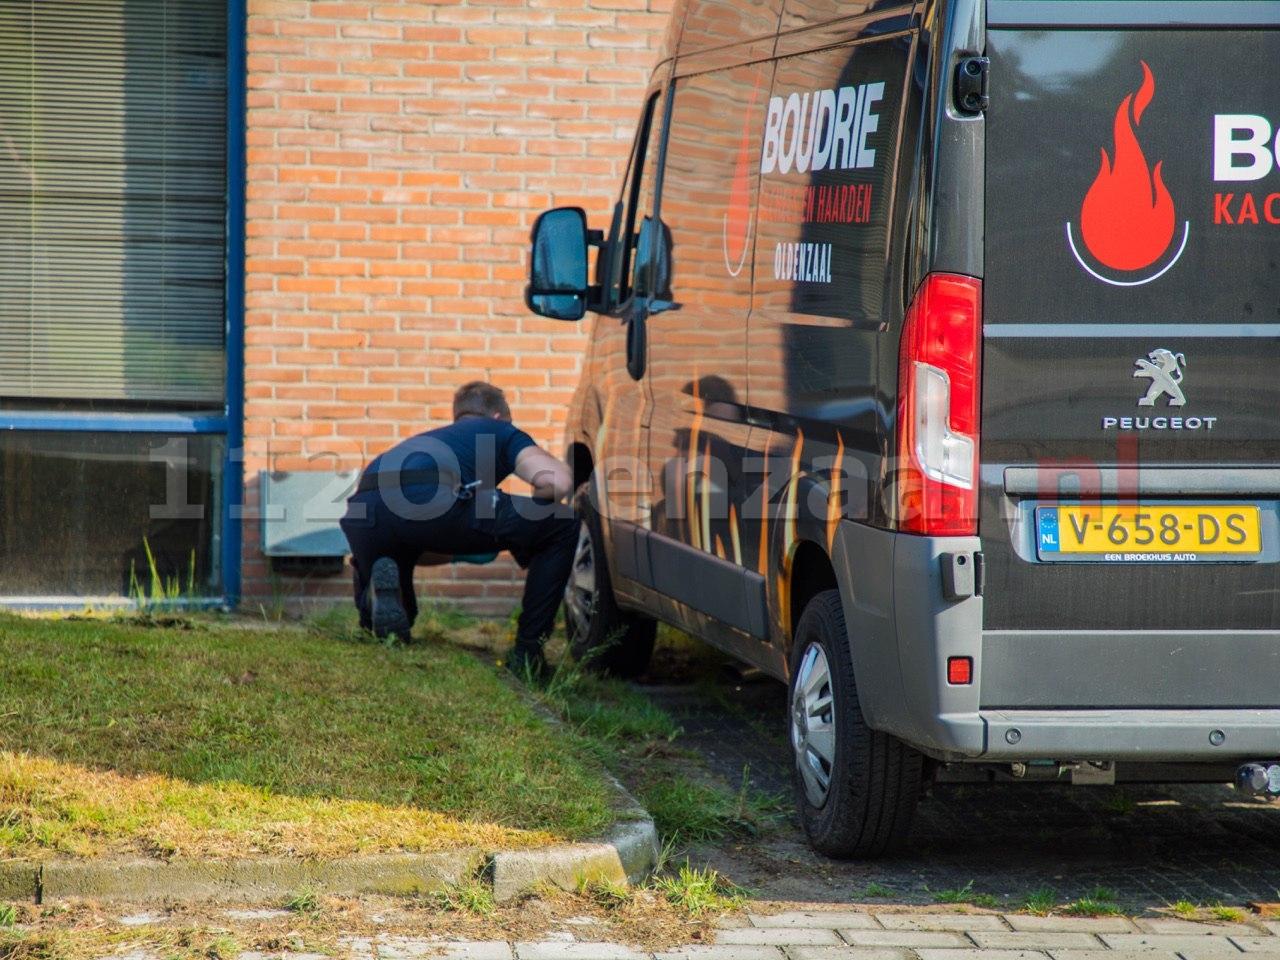 Foto 2: Forensische opsporing doet onderzoek na autobrand in Oldenzaal